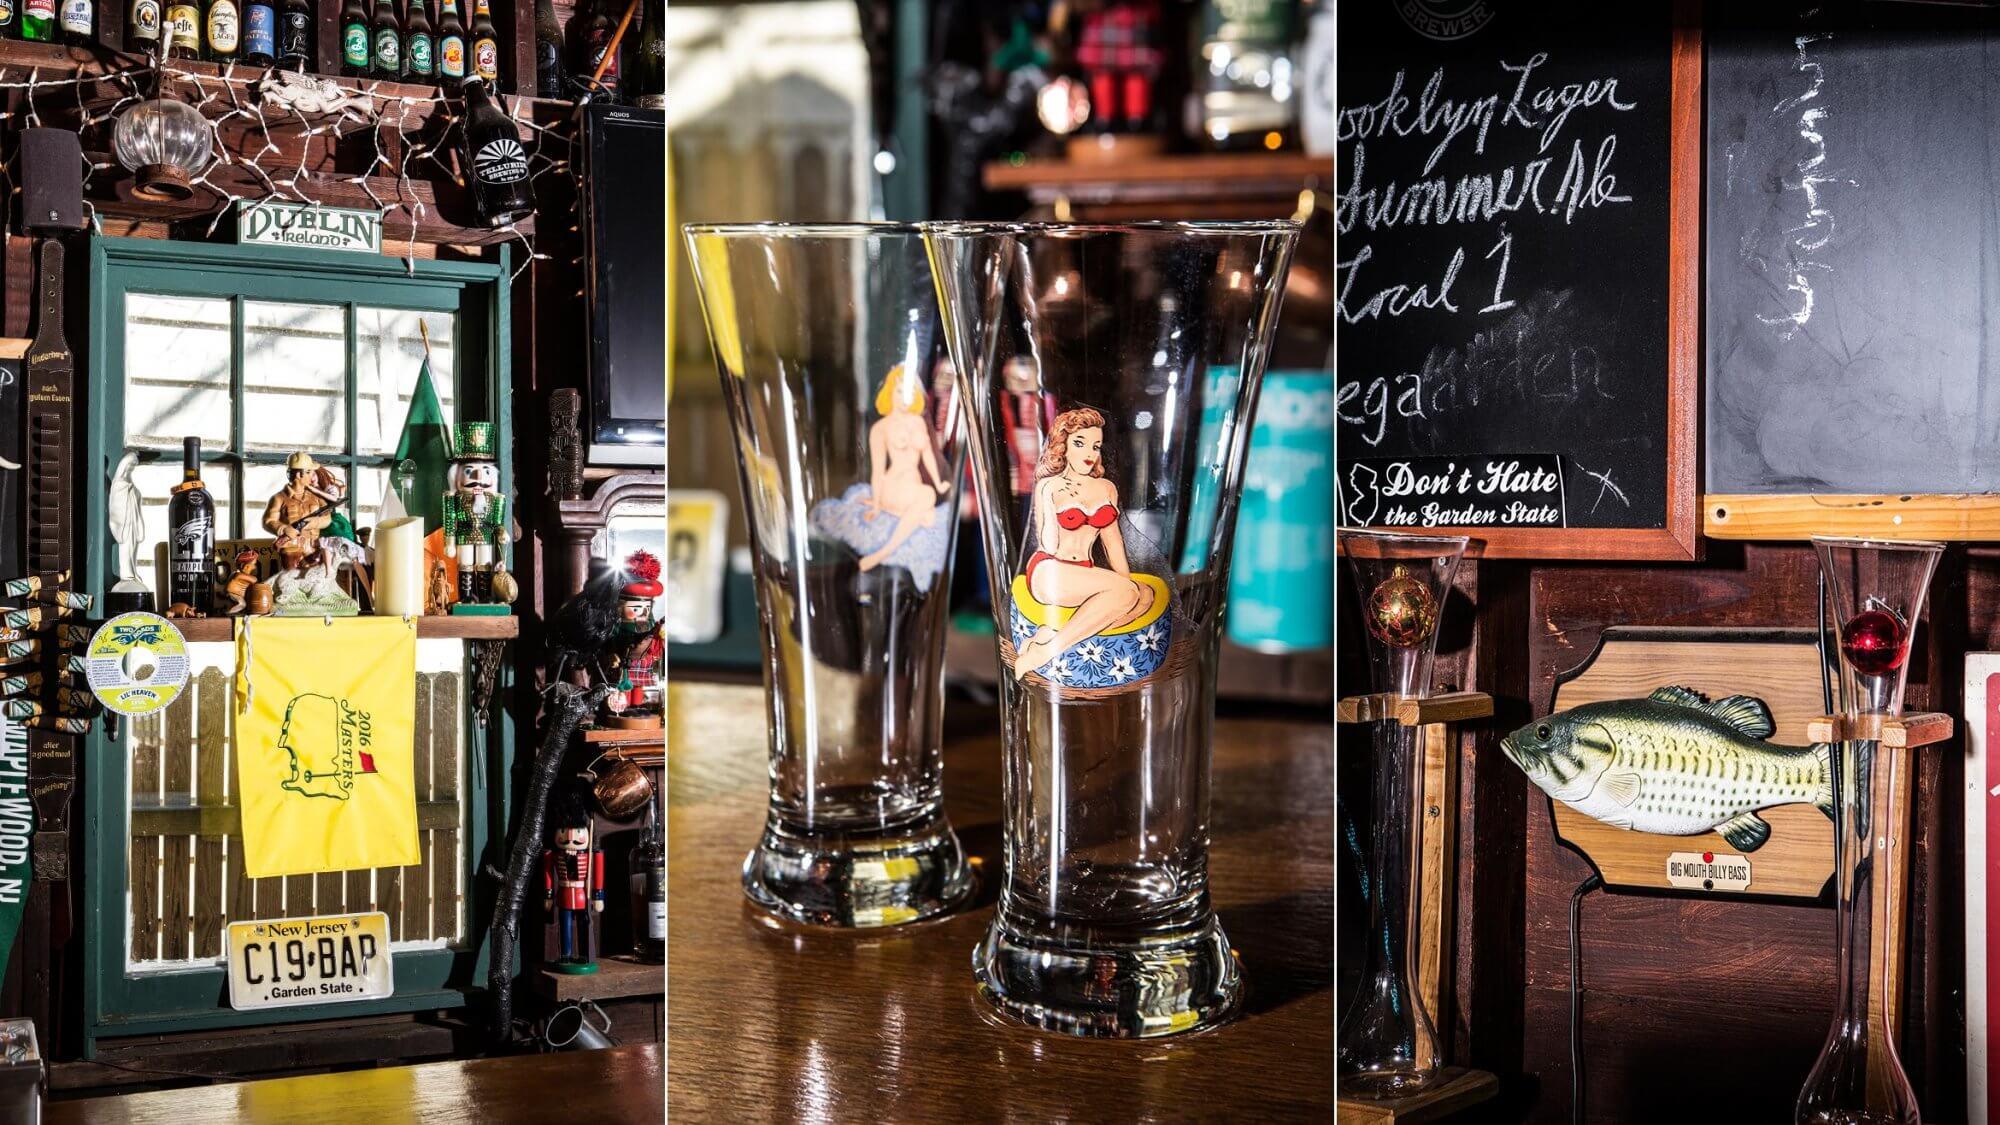 Гаражные бары Нью-Джерси